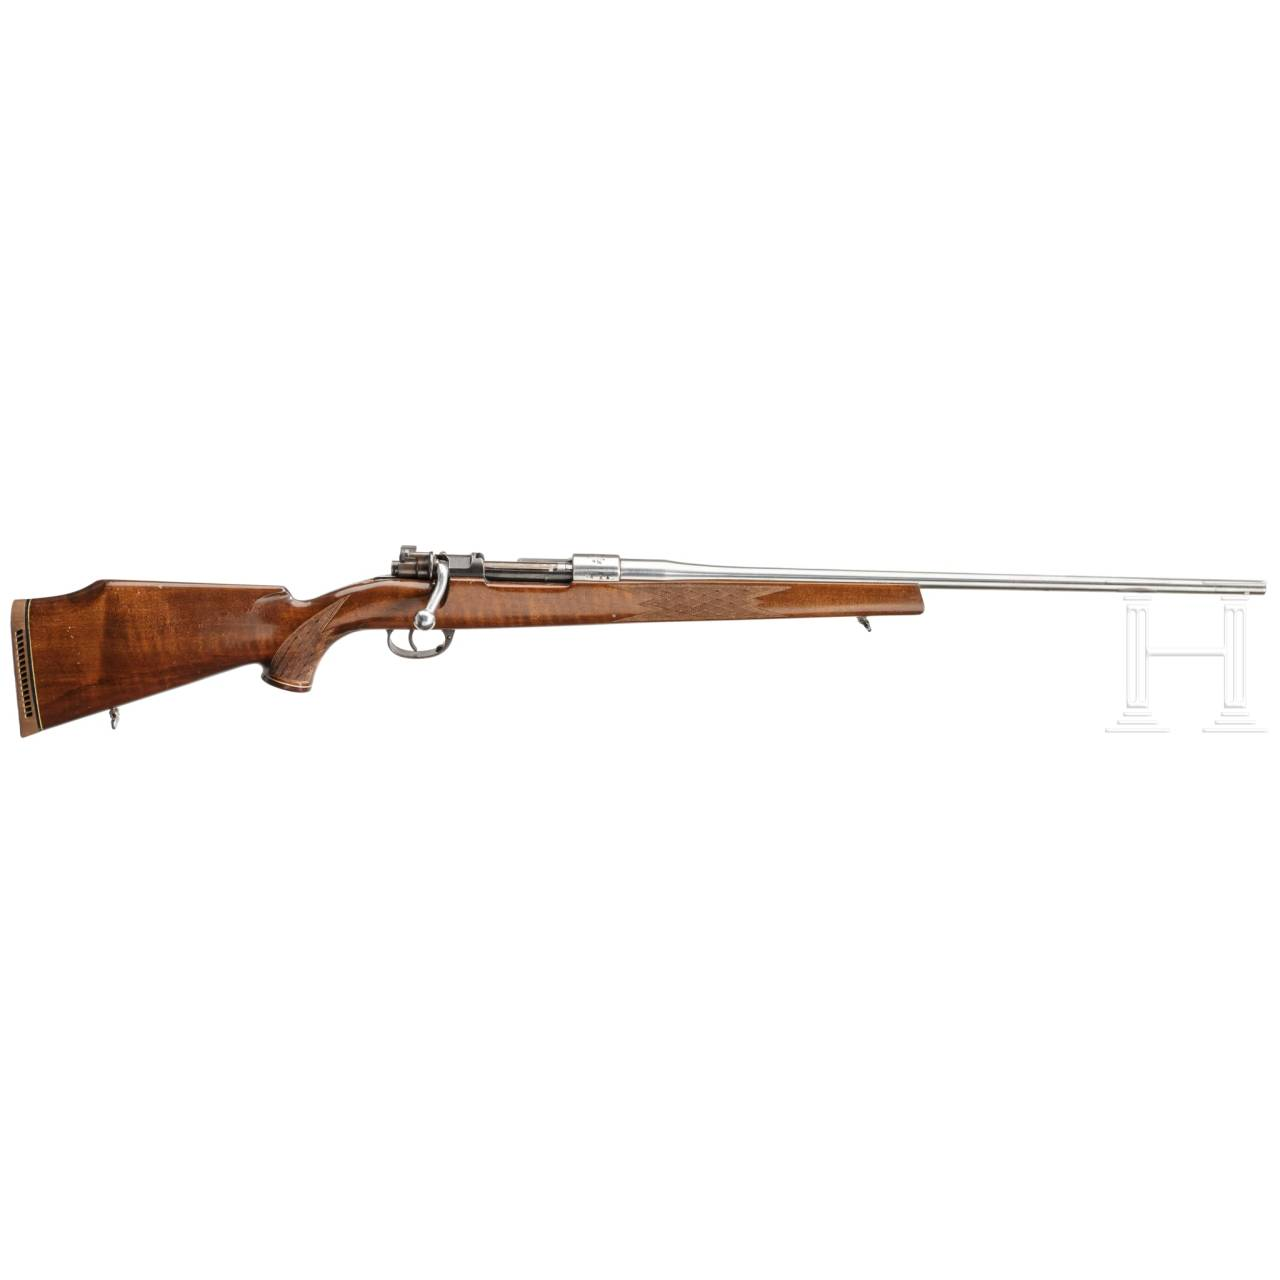 Jagdliches System Mauser mit Schaft